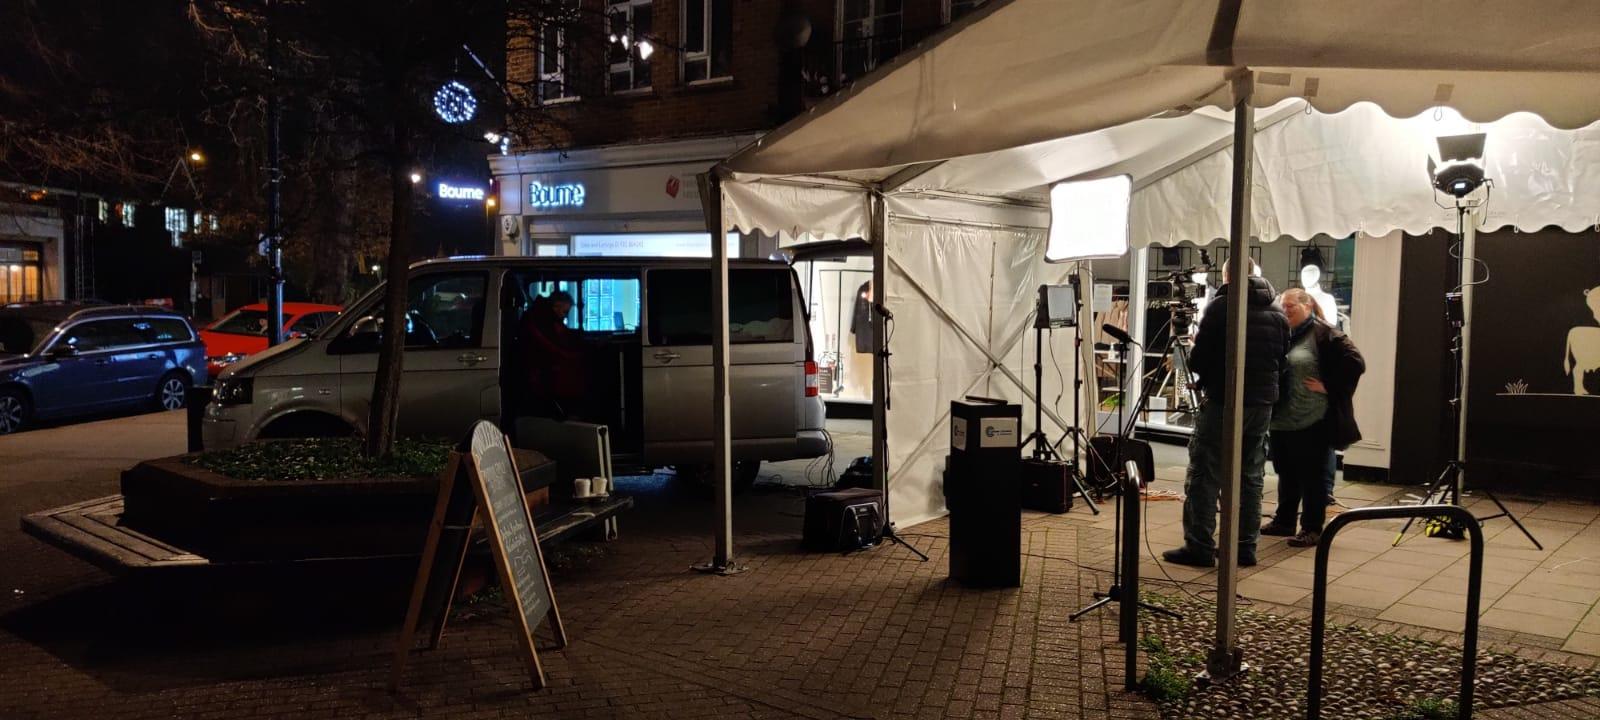 My mini OB van on set